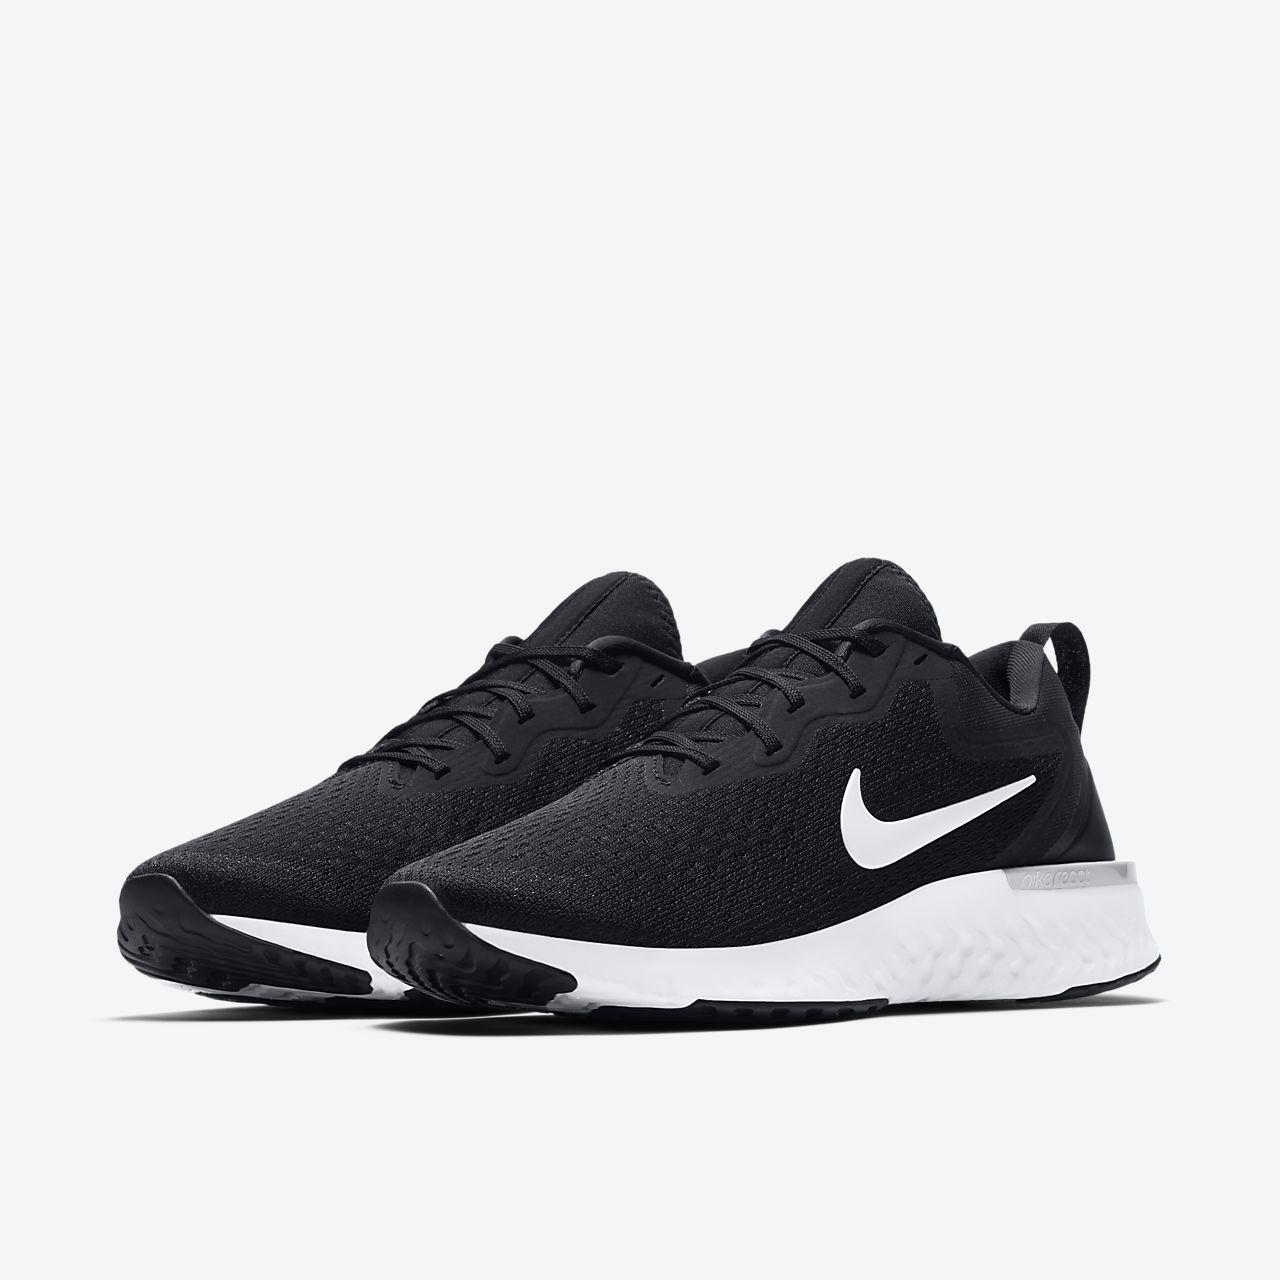 ... Nike Odyssey React Men's Running Shoe